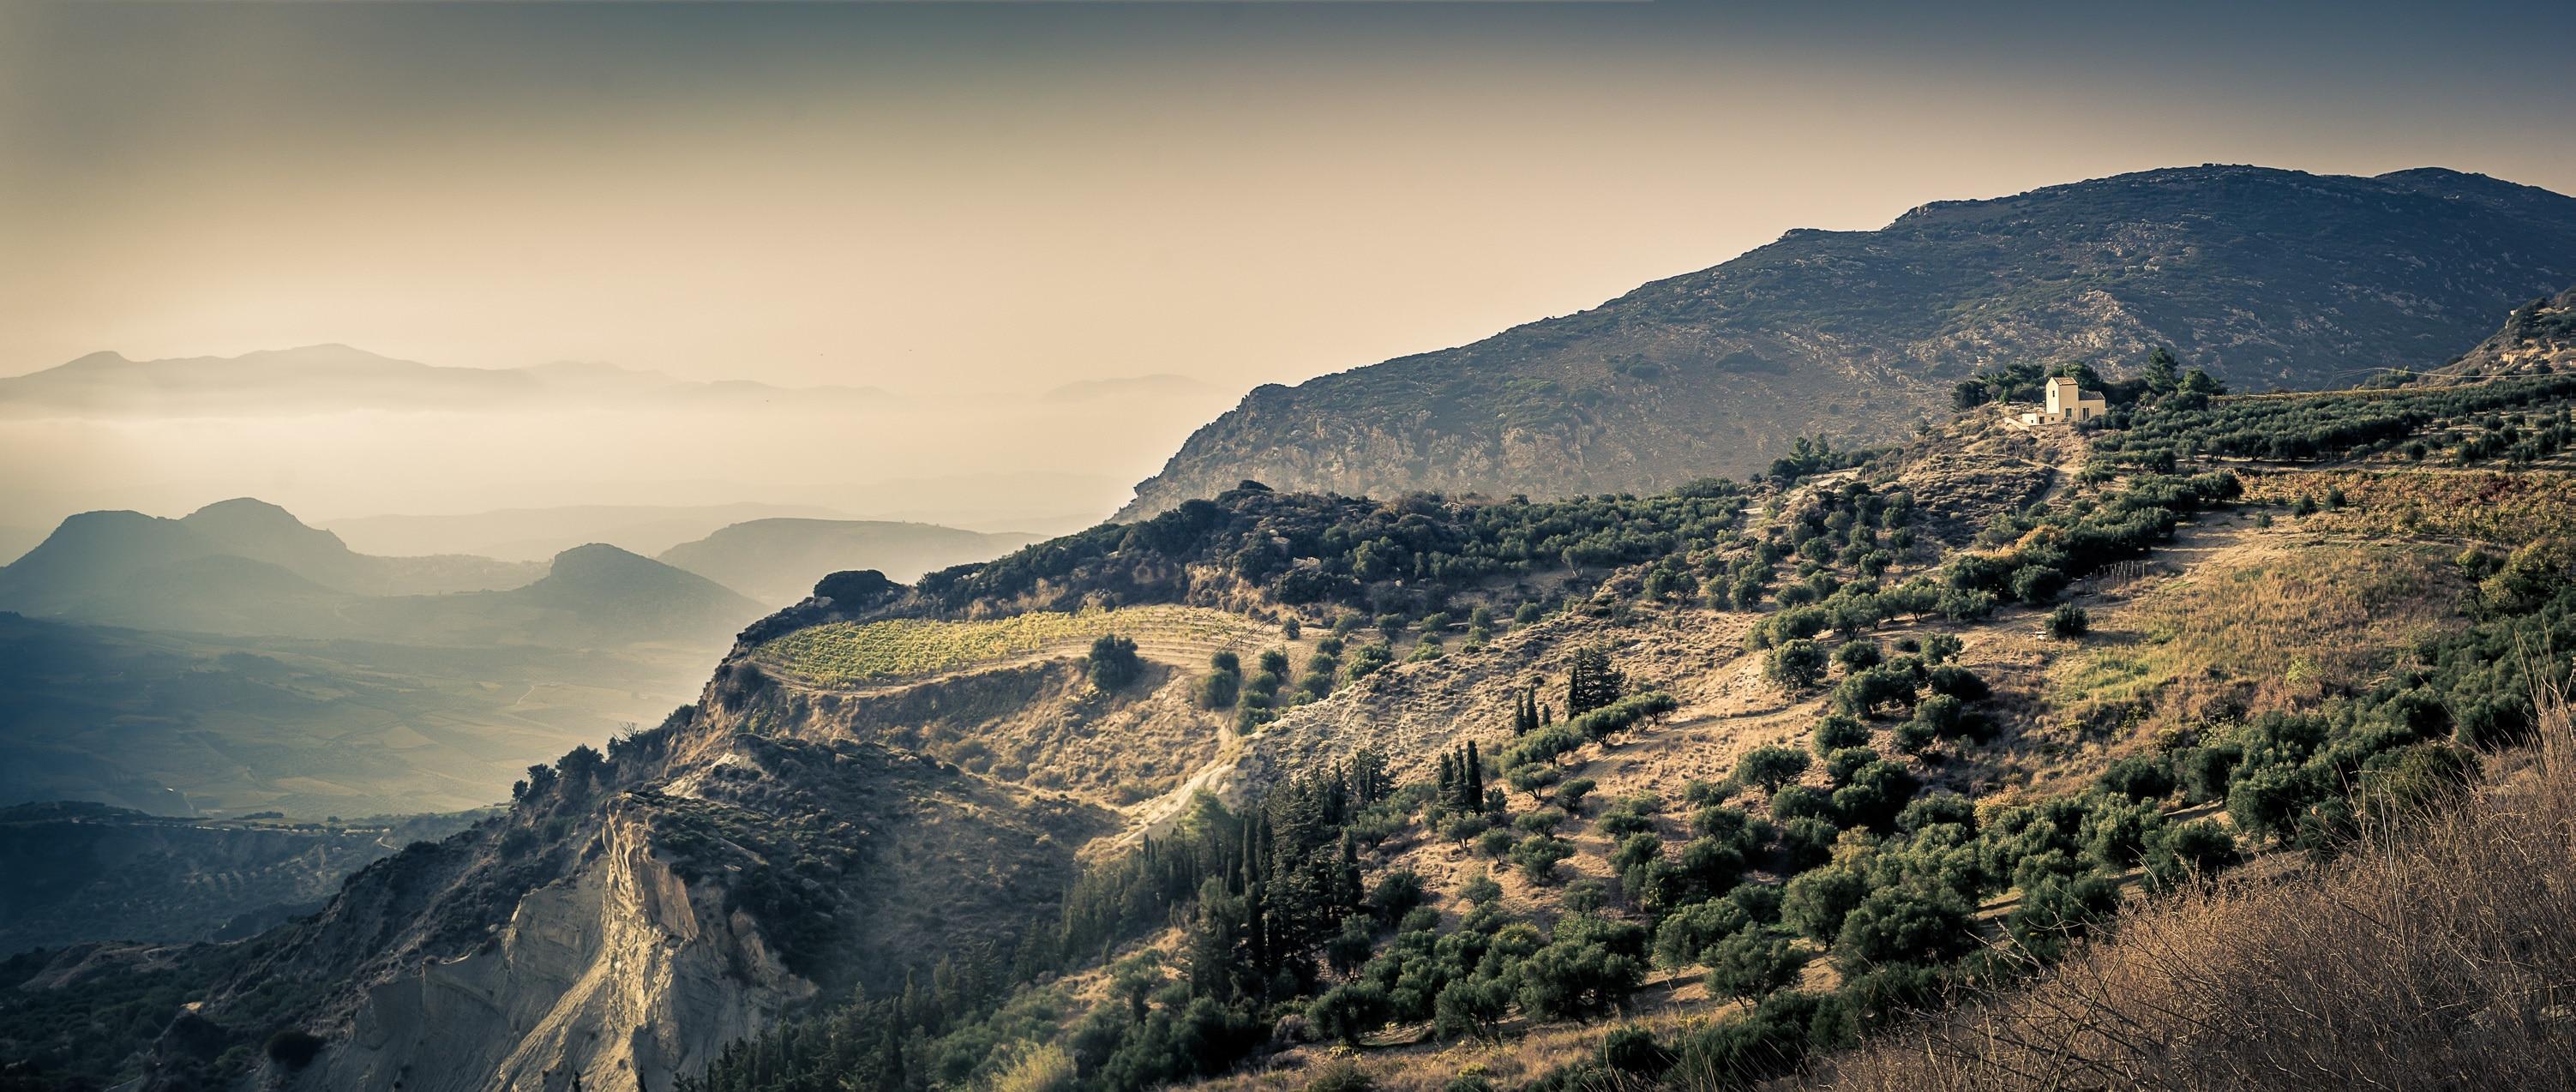 Gortyna, Kreta, Griechenland